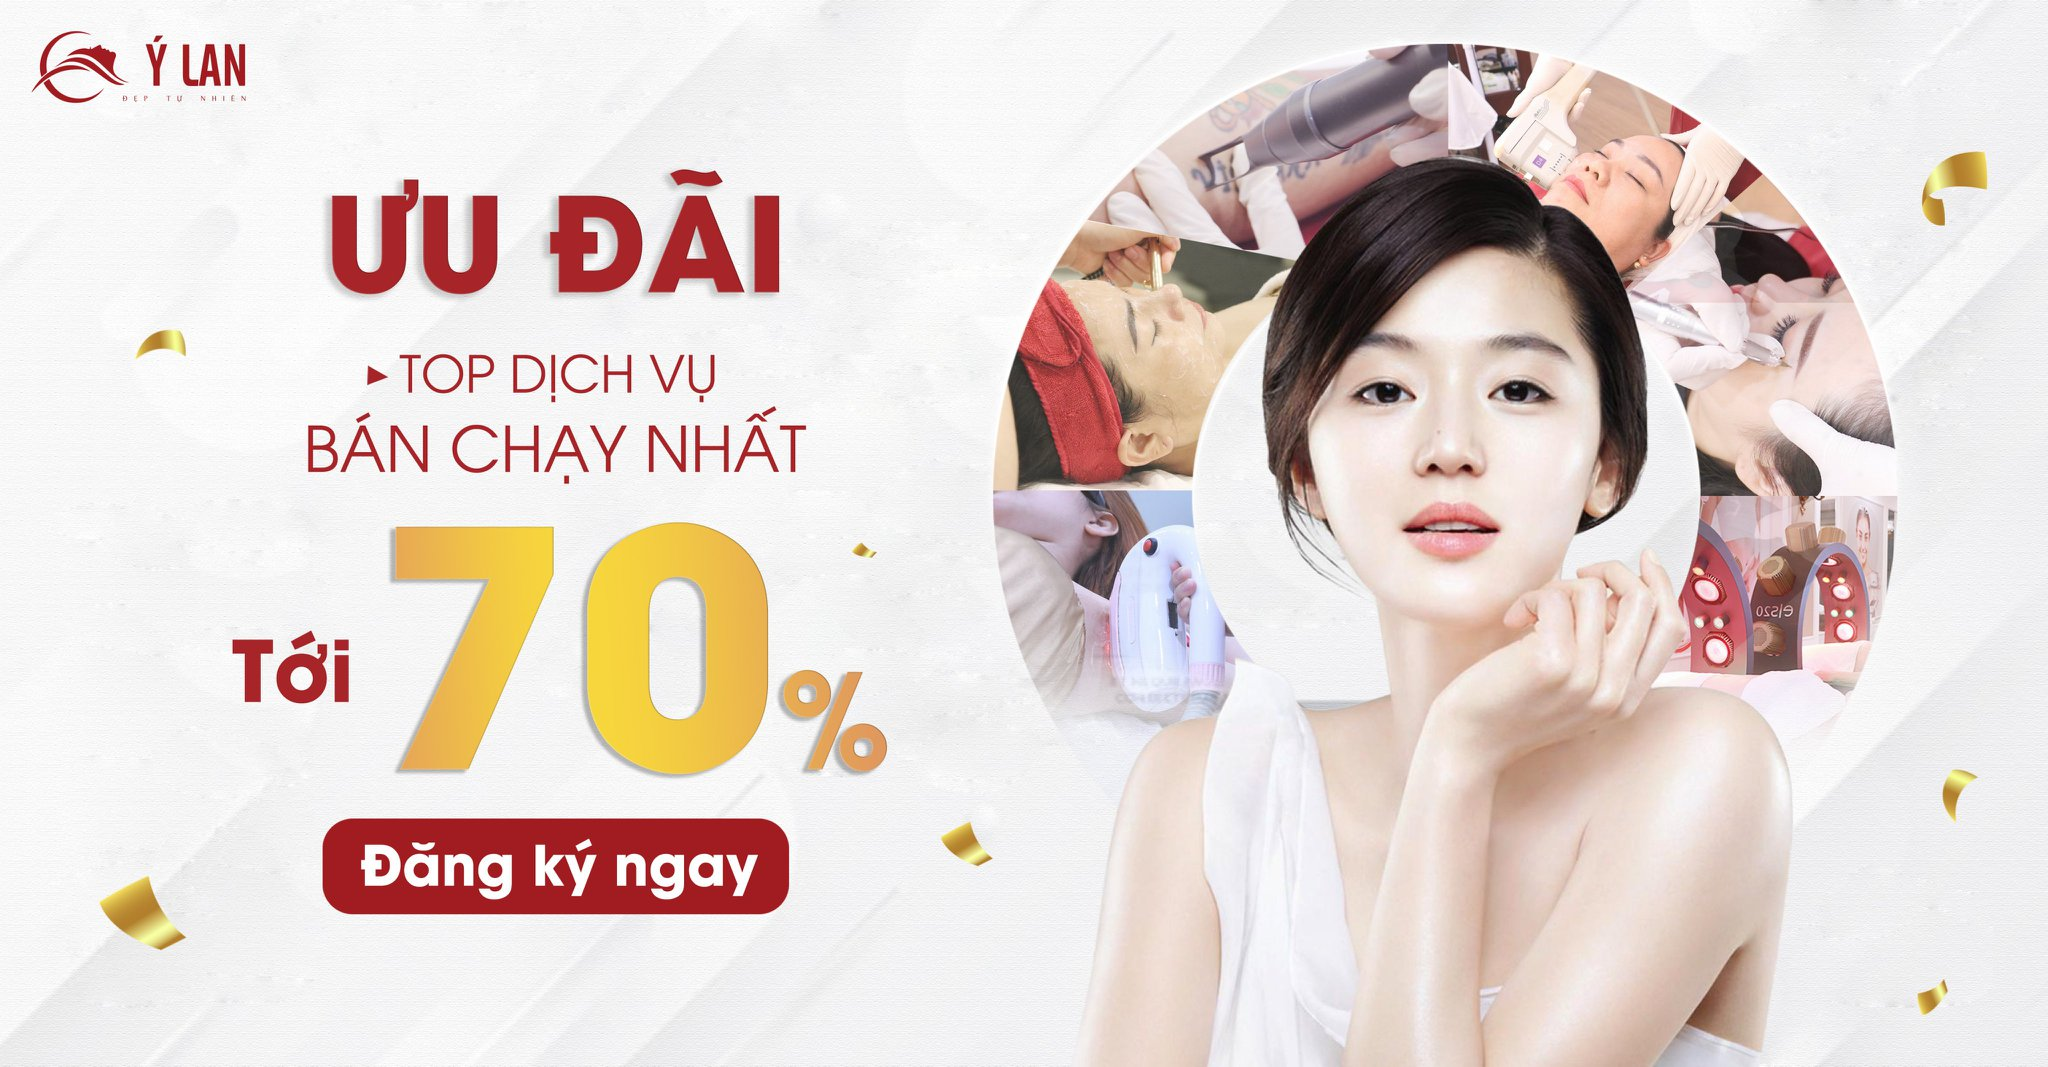 _Mung_dai_le_30/4_-1/5_TMV_Y_Lan_giam_gia_dich_vu_len_toi_70%